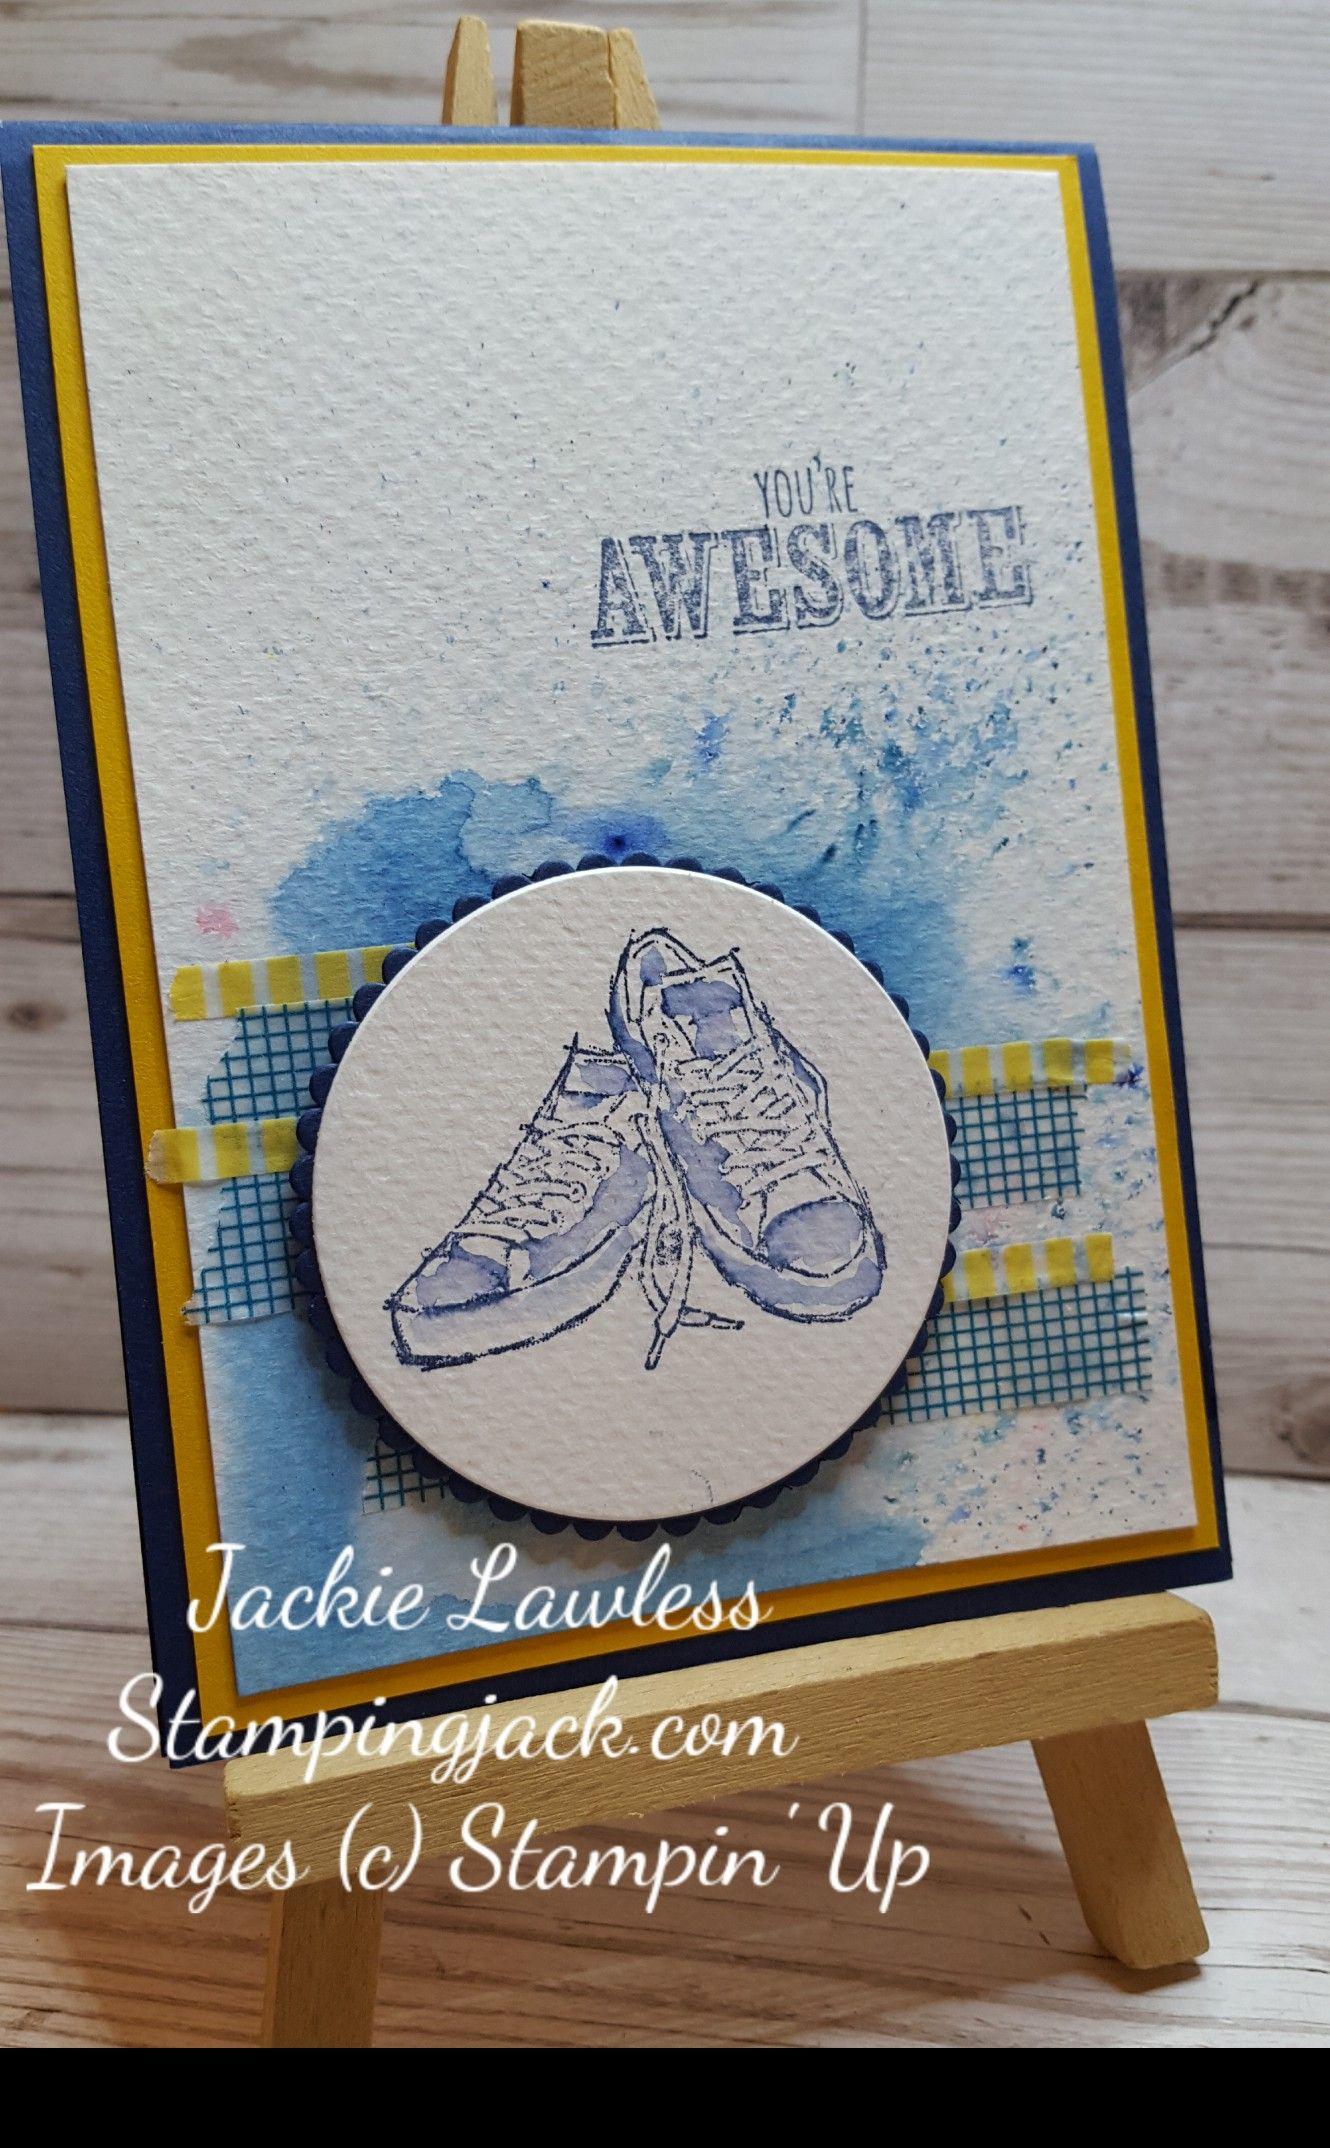 Epic celebrations using brushos cards inspirational